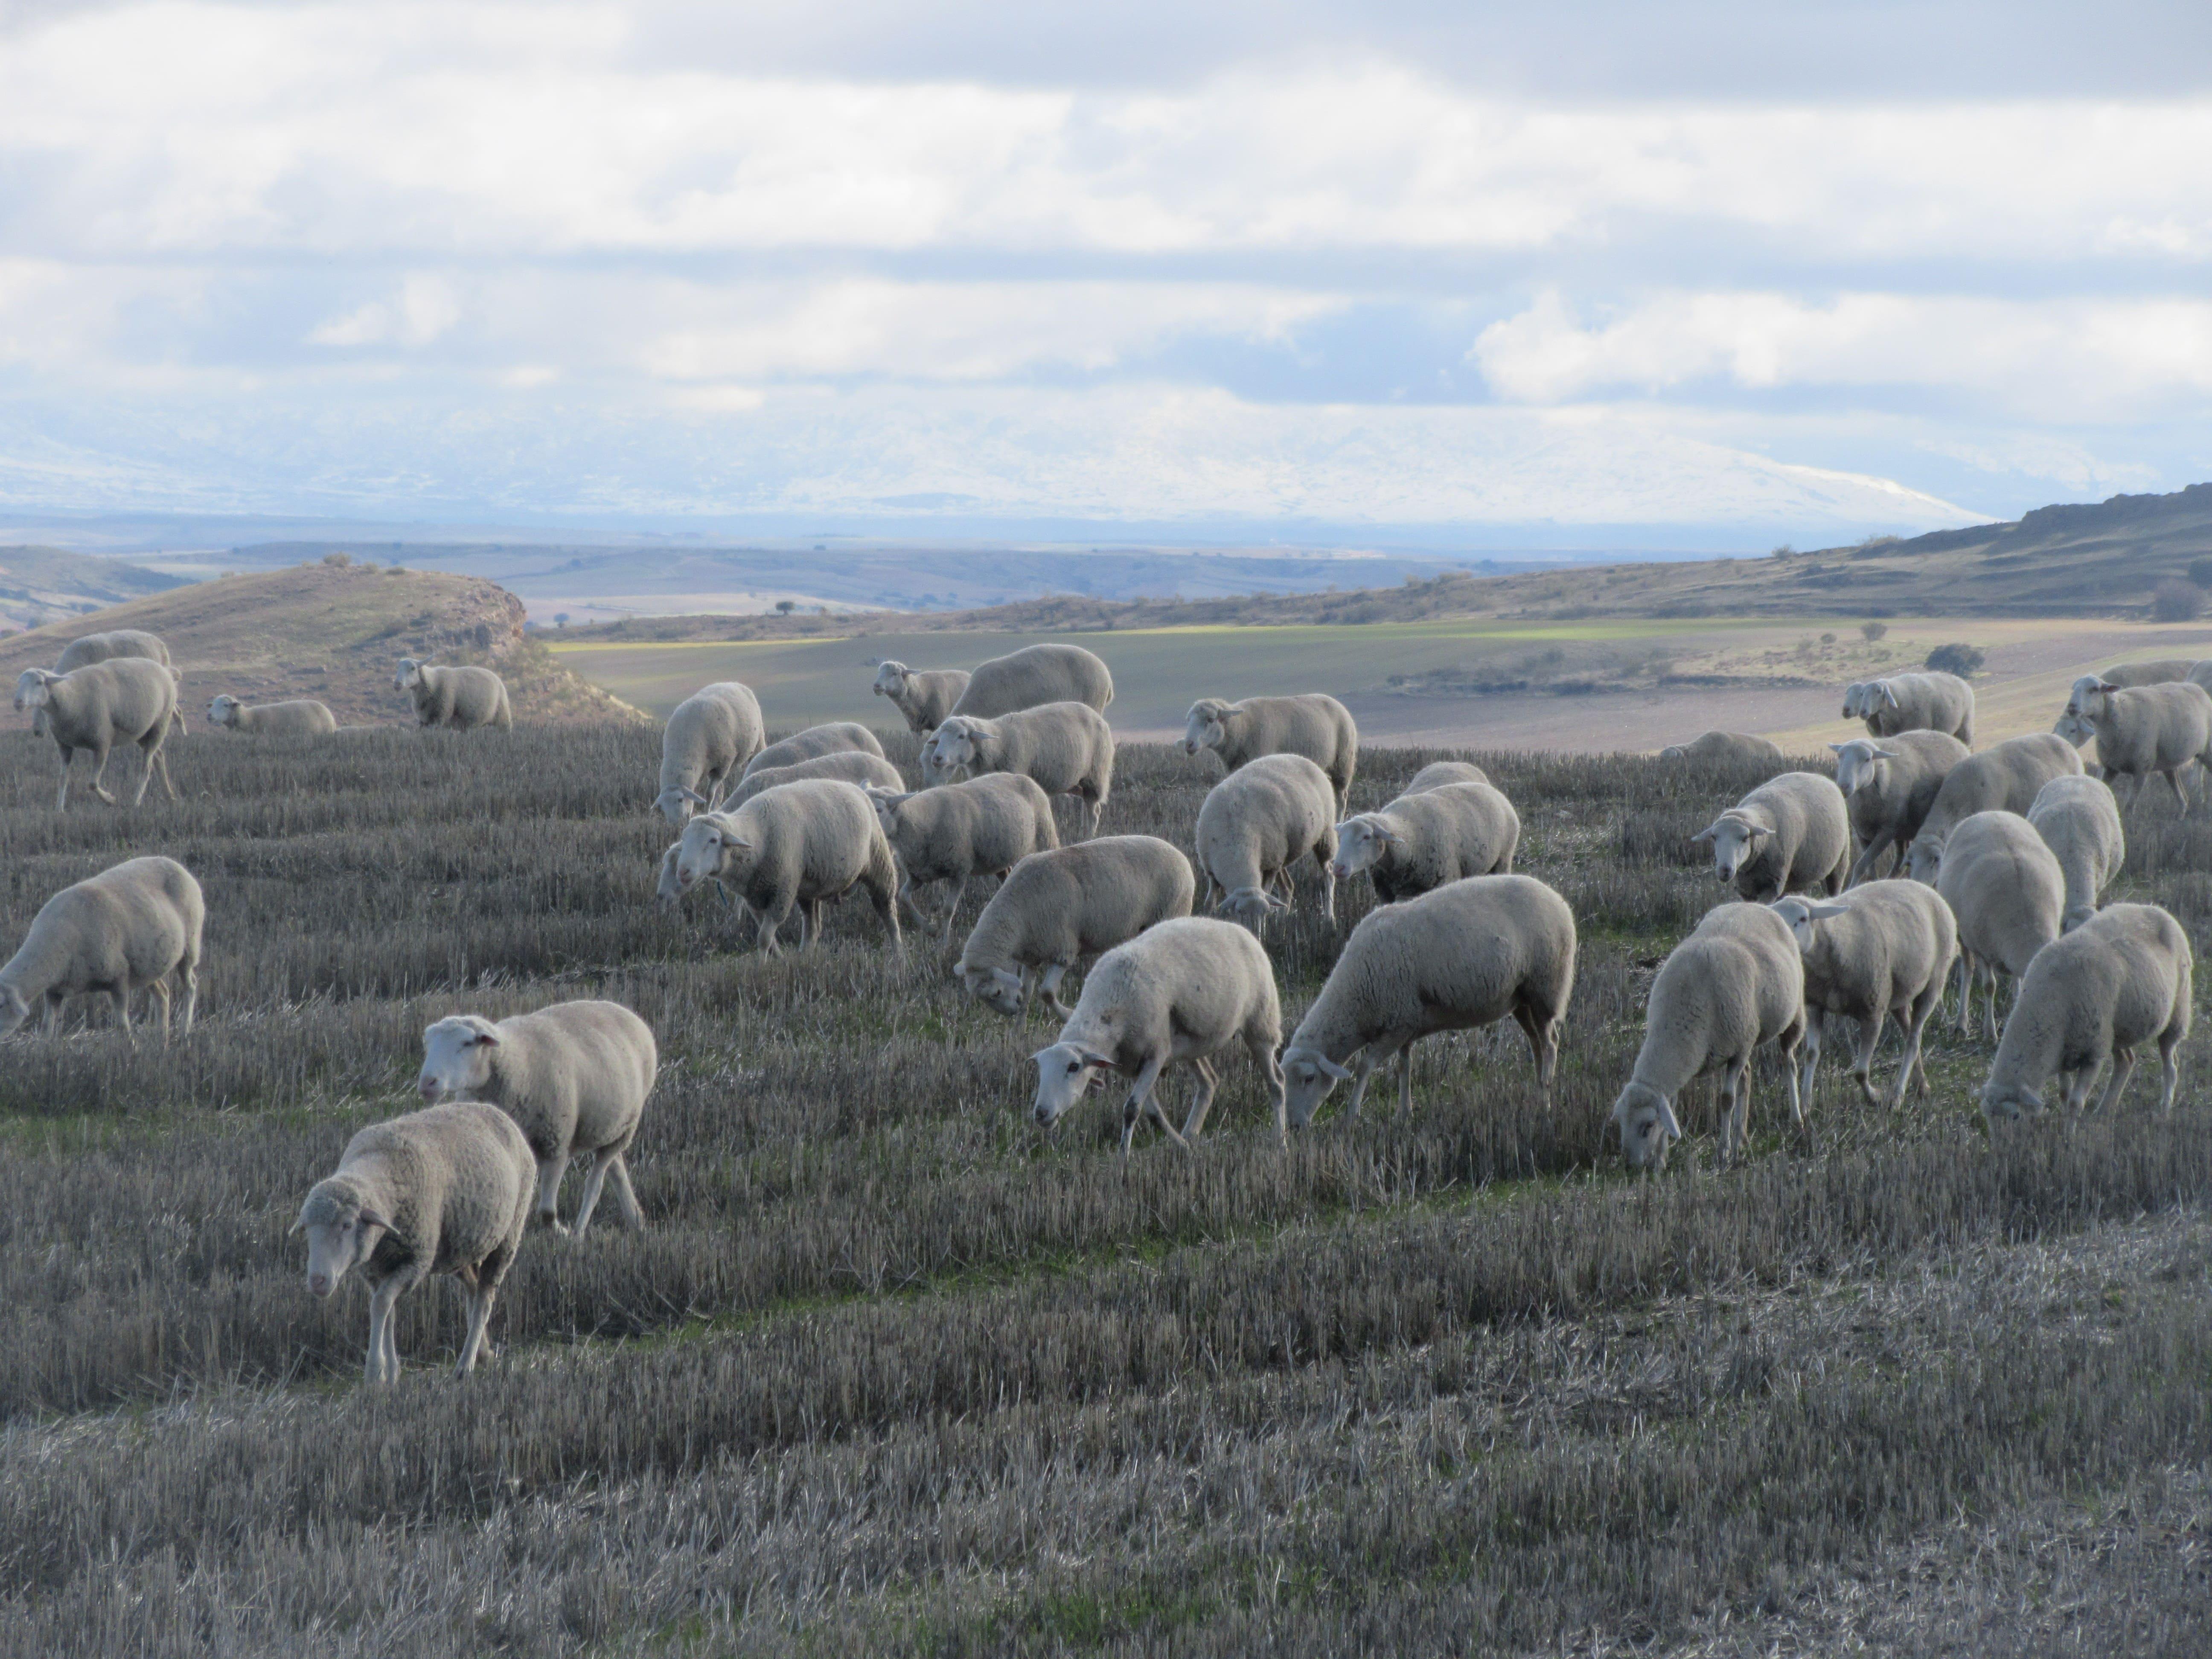 mouton en espagne